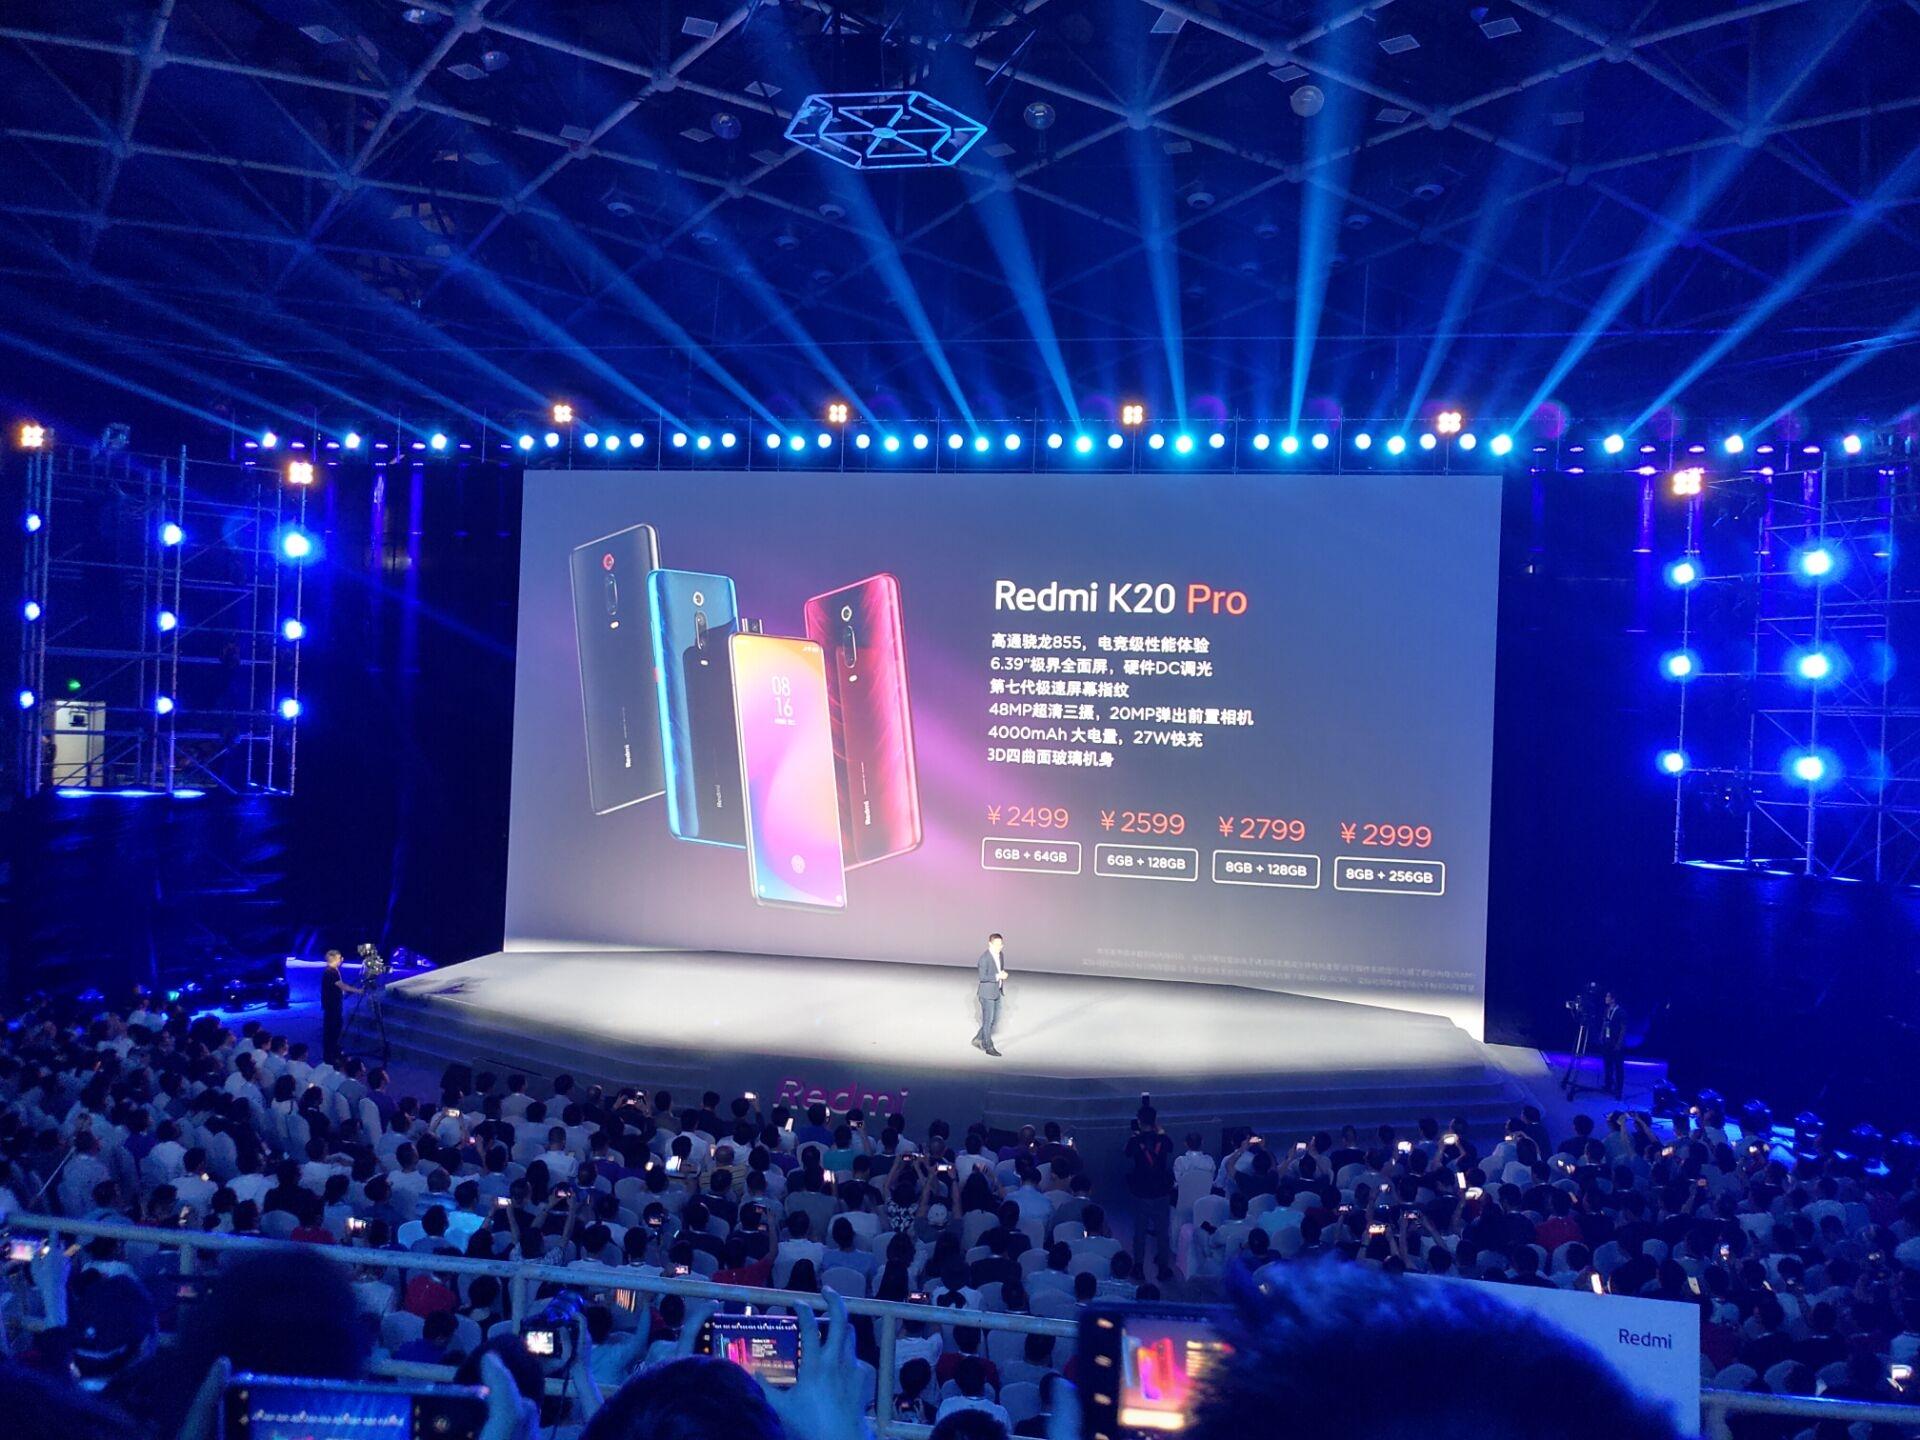 Giá bán Redmi K20 Pro dự kiến dành cho các phiên bản